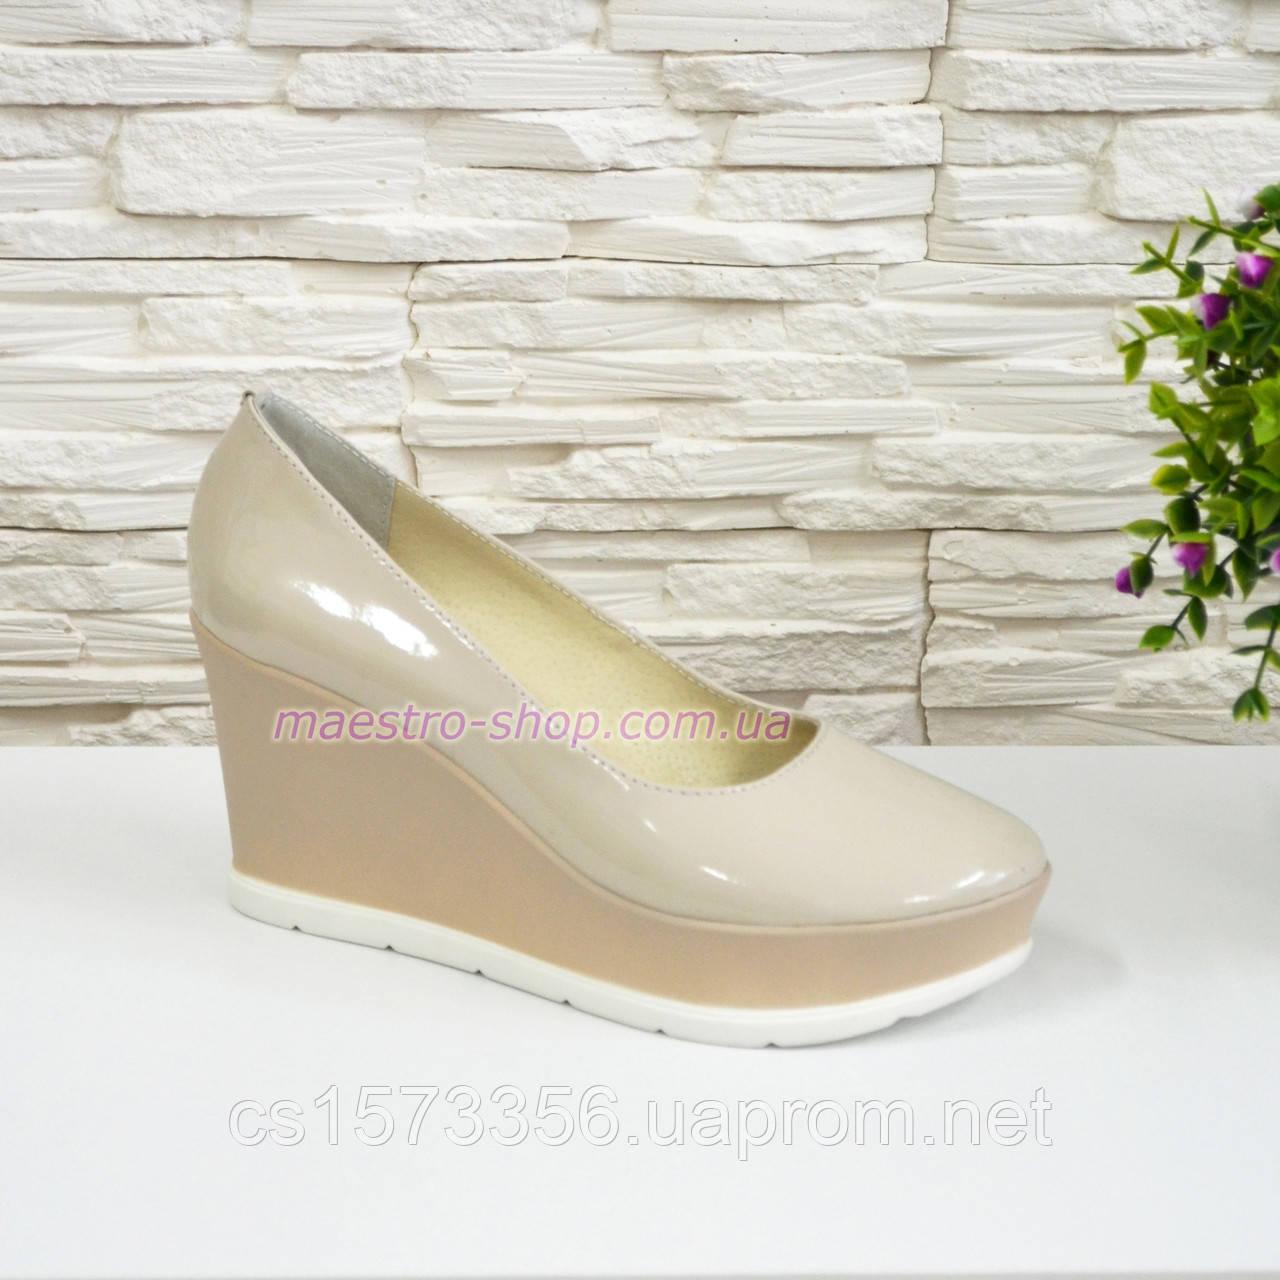 Женские бежевые лаковые туфли на устойчивой платформе.